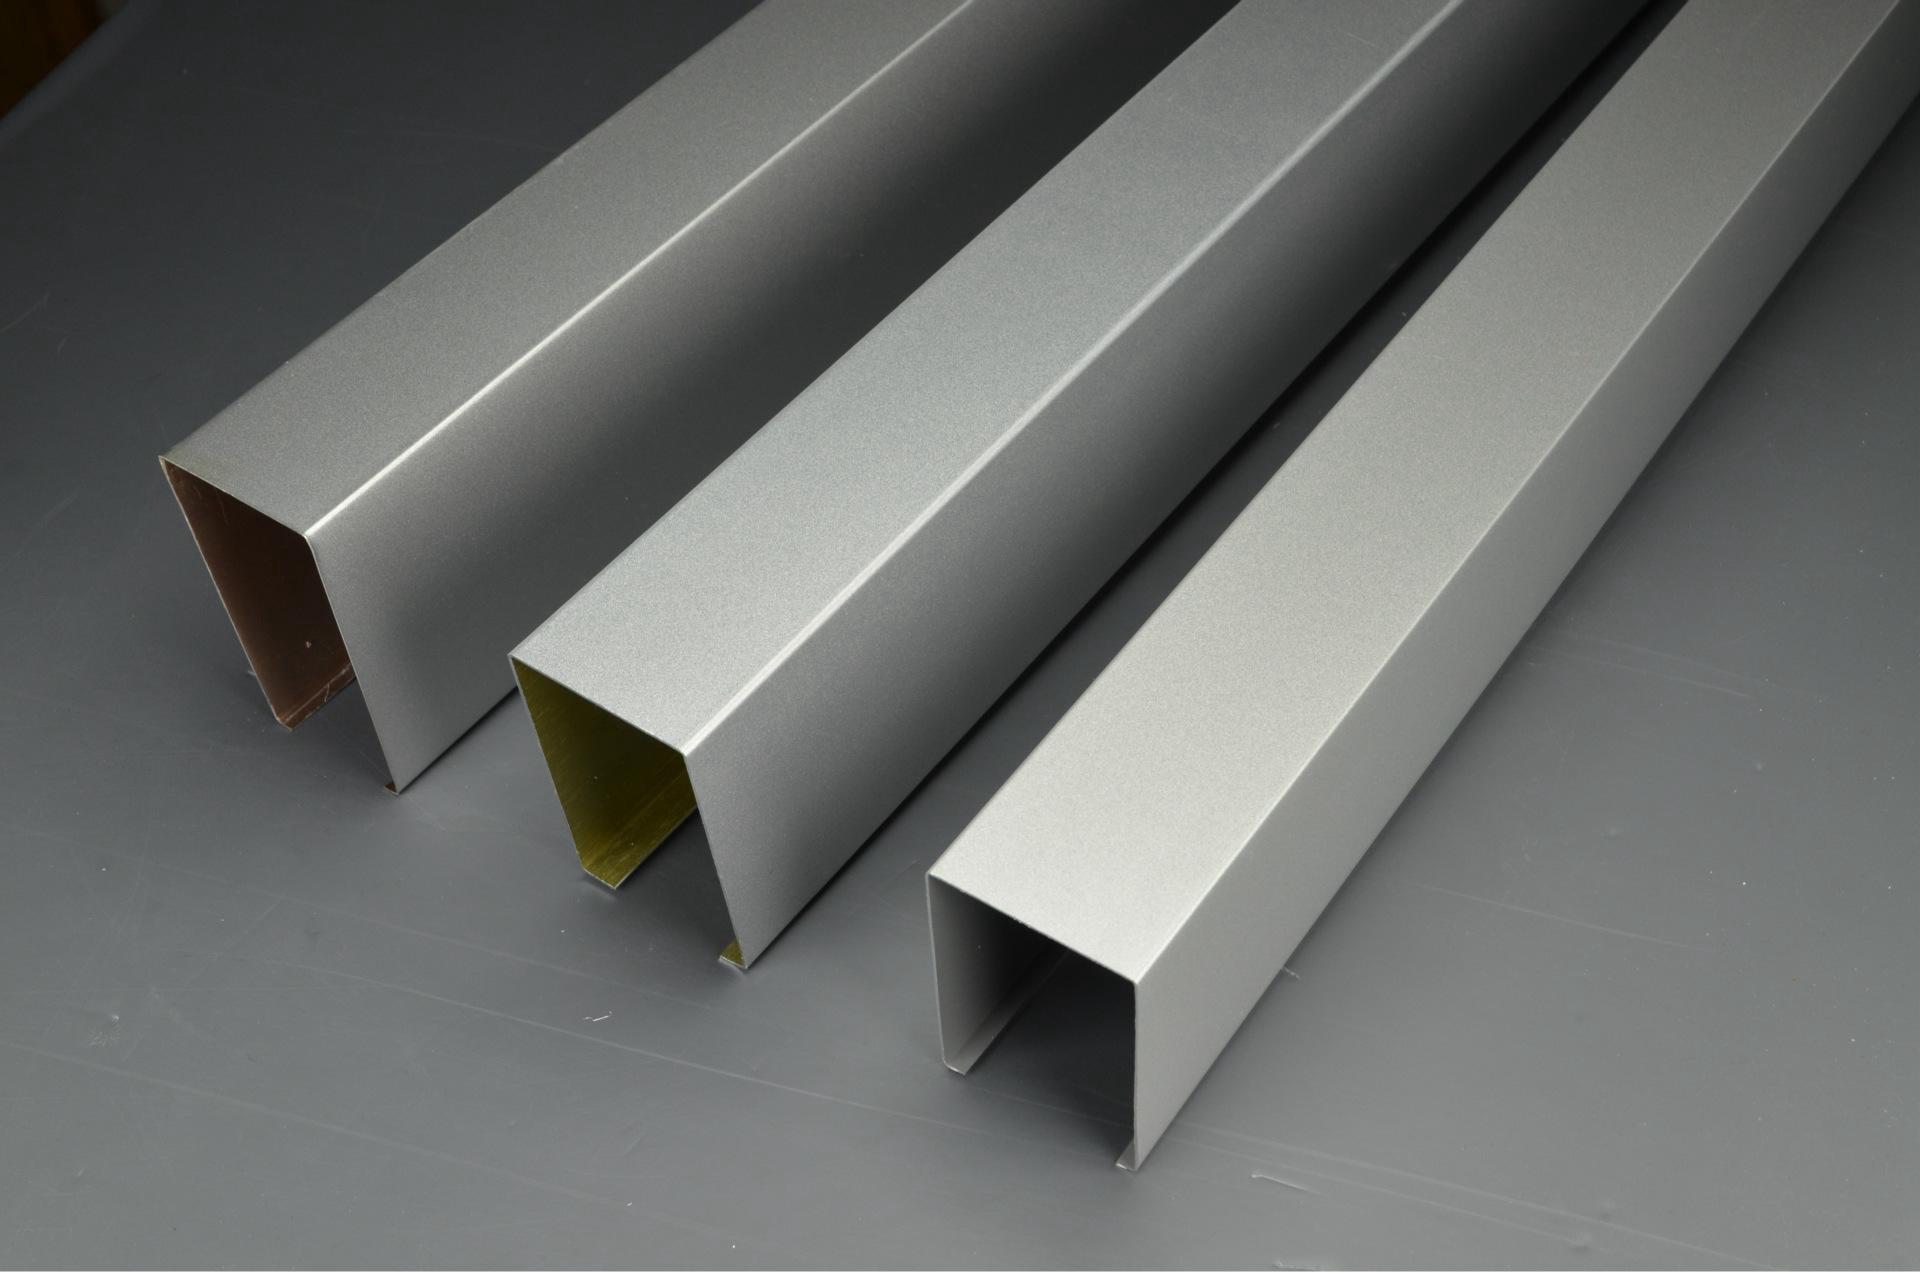 铝方通,铝方通生产厂家,山东铝方通